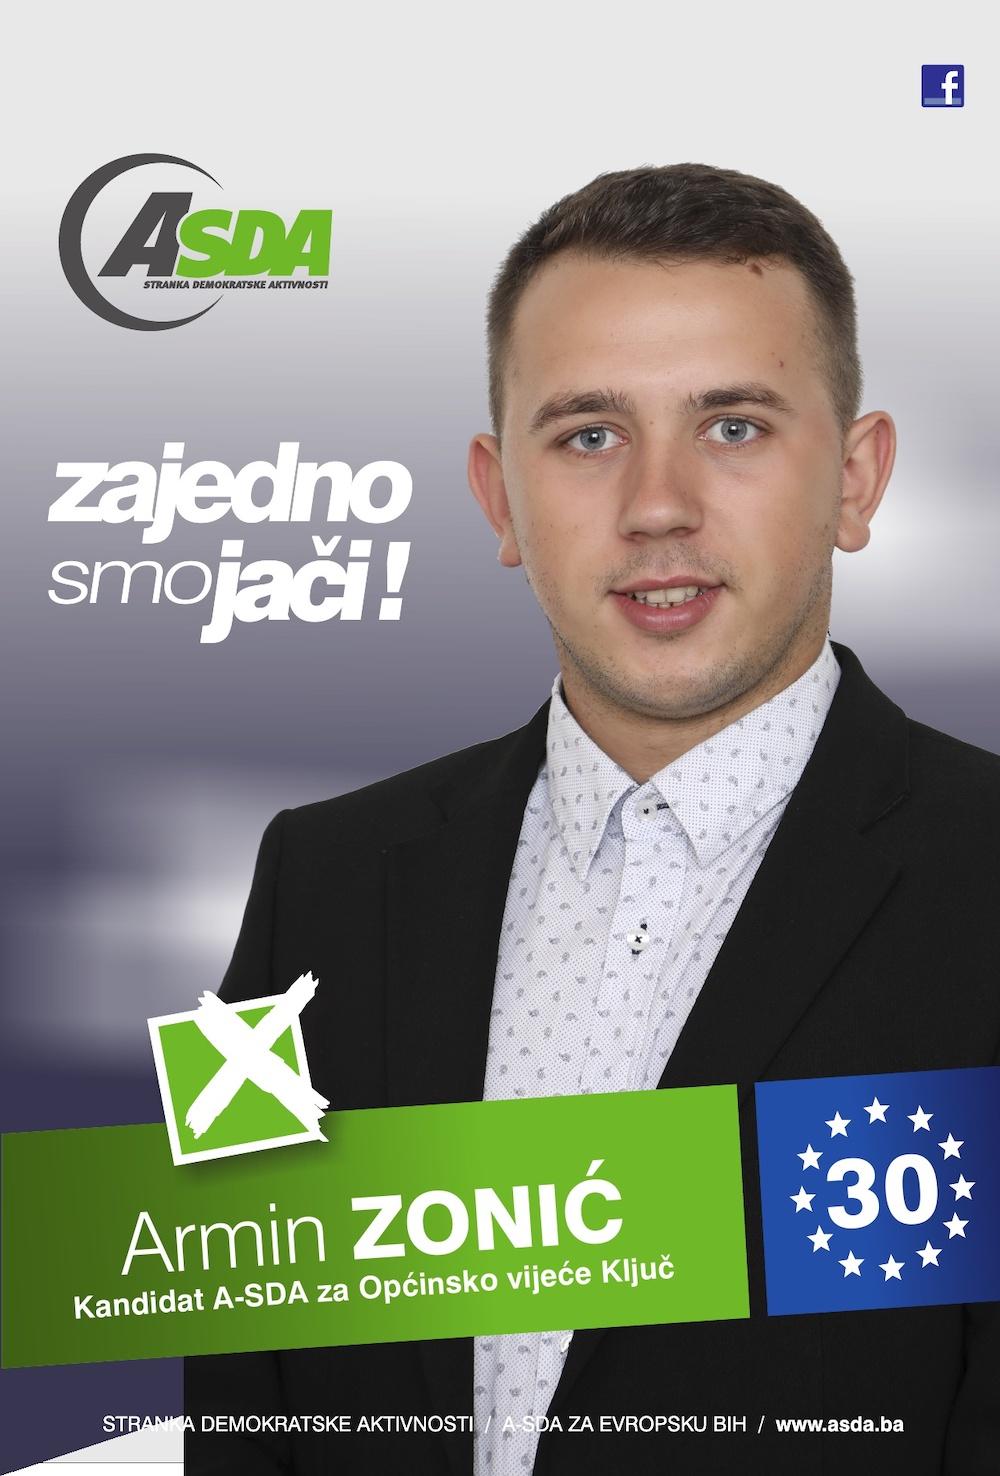 """Rođen 22.12.1996. godine u Zenici. Po zanimanju je saobraćajni tehničar. Zaposlen je u JKP """"Rad"""" d.o.o. Ključ."""